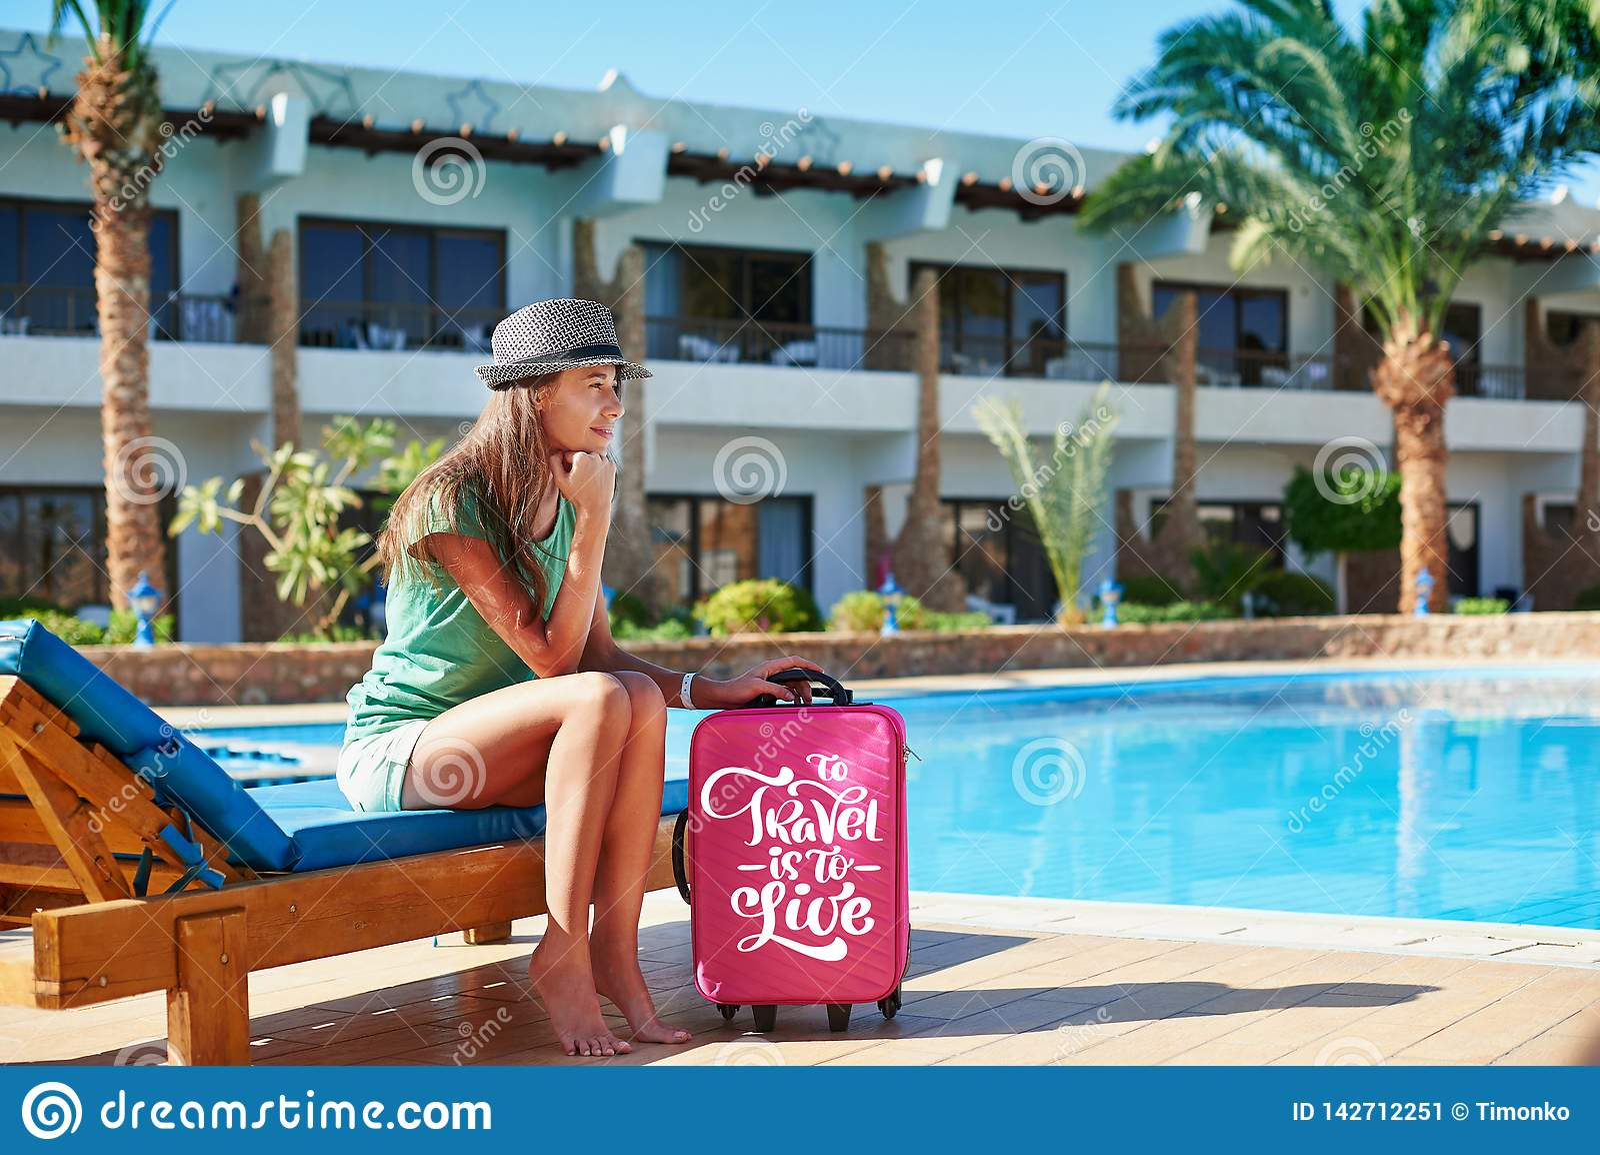 Podróż, wakacje letni i urlopowy pojęcie, - Piękna kobieta chodzi blisko hotelowego basenu terenu z czerwoną walizką w Egipt